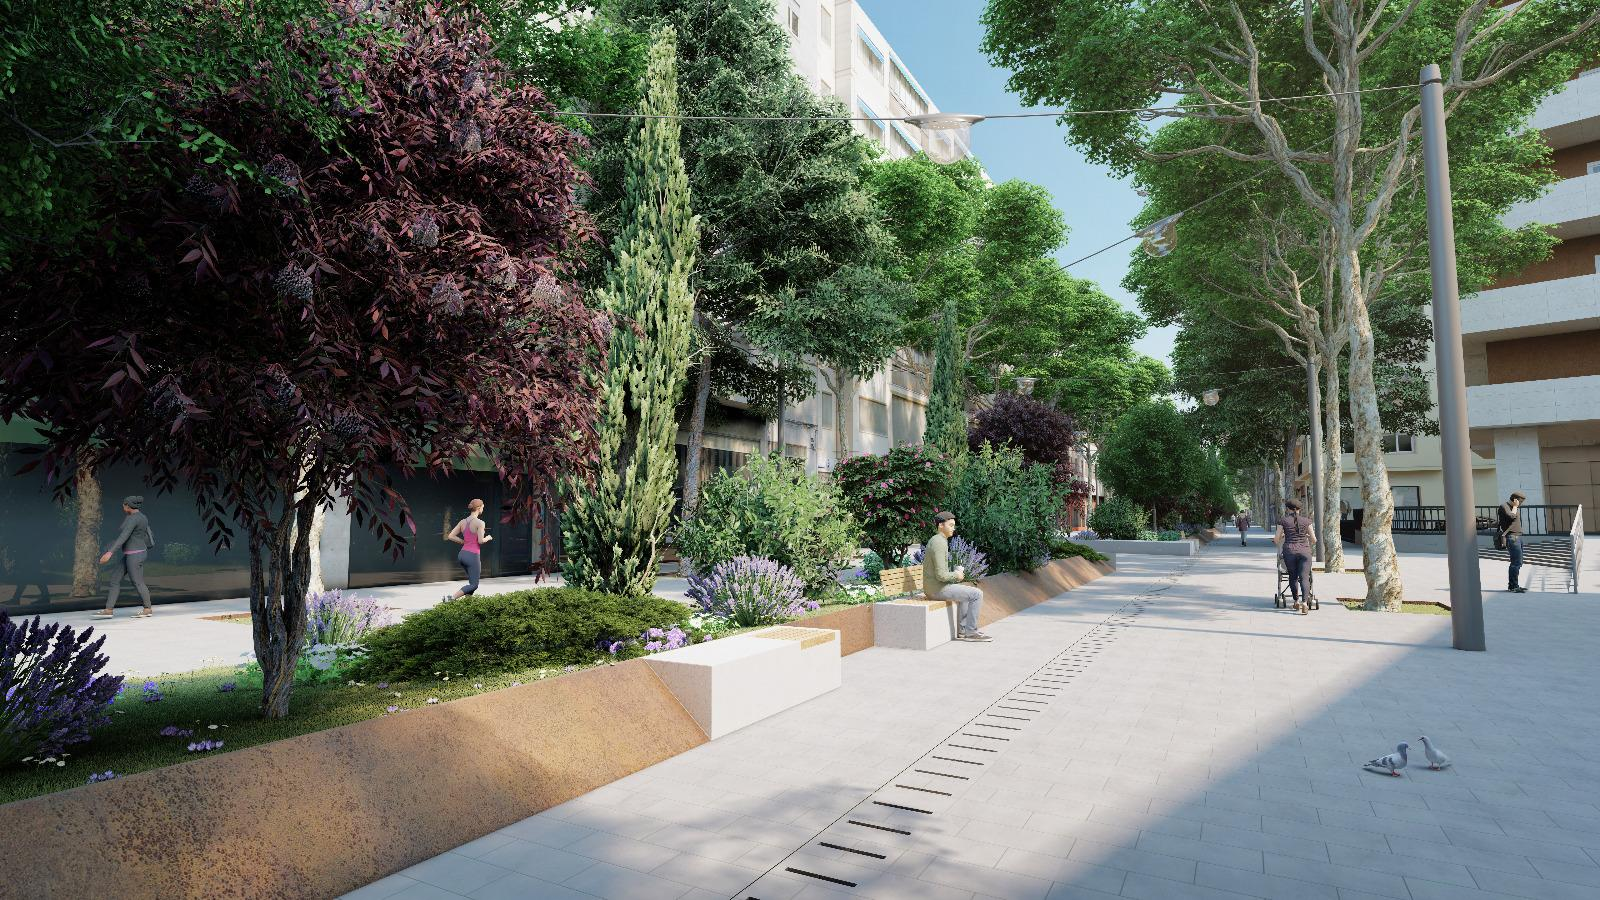 Cort adjudica las obras de la peatonalización de Nuredduna que durarán ocho meses